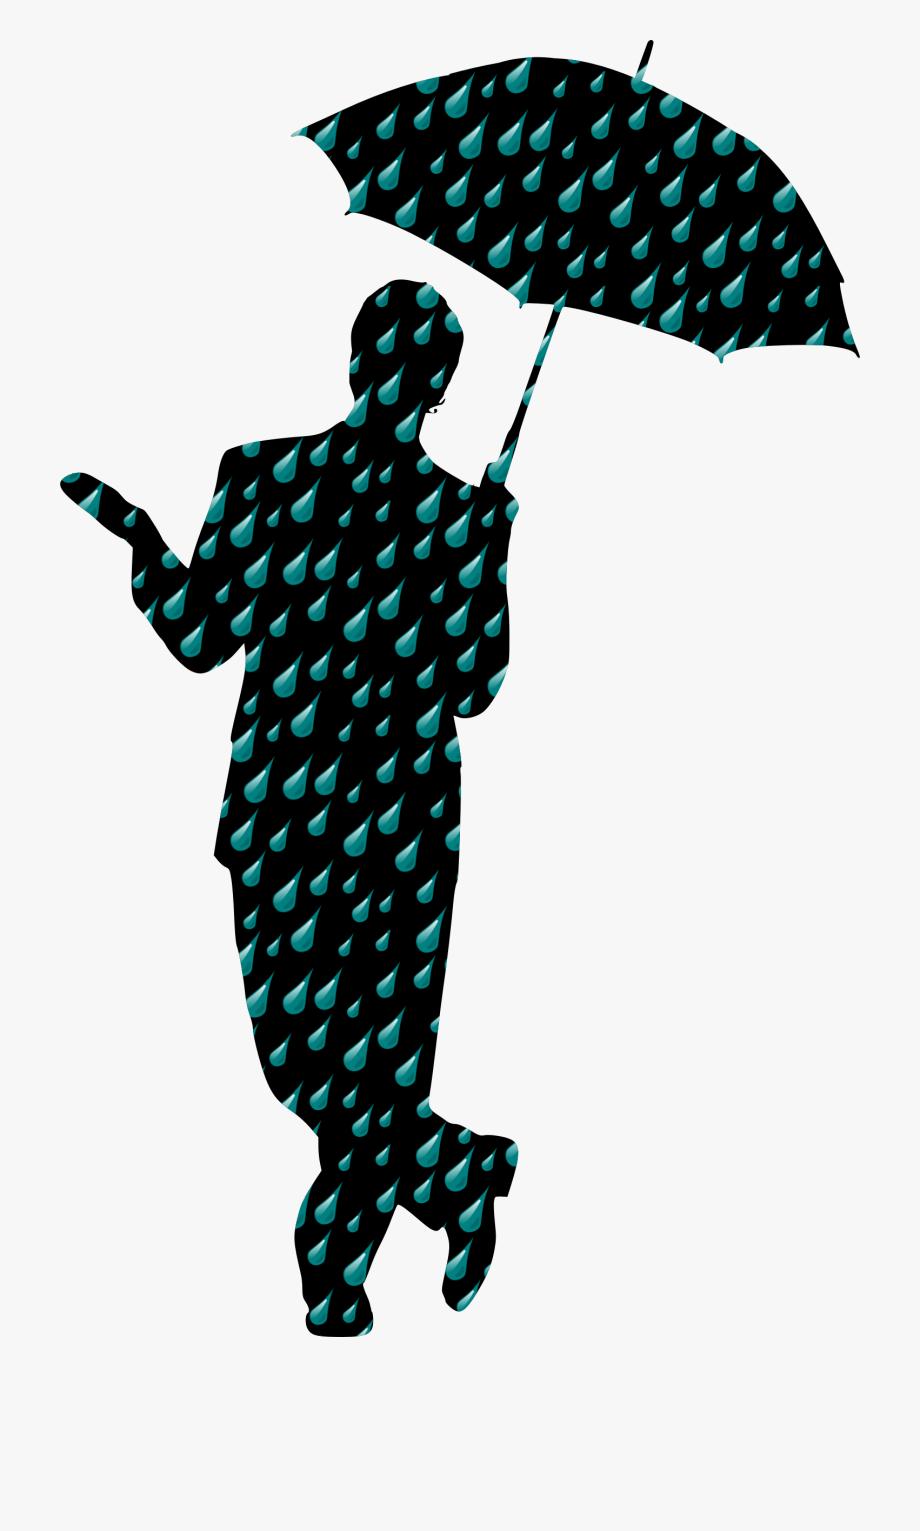 Man Rain Umbrella Png , Transparent Cartoon, Free Cliparts.